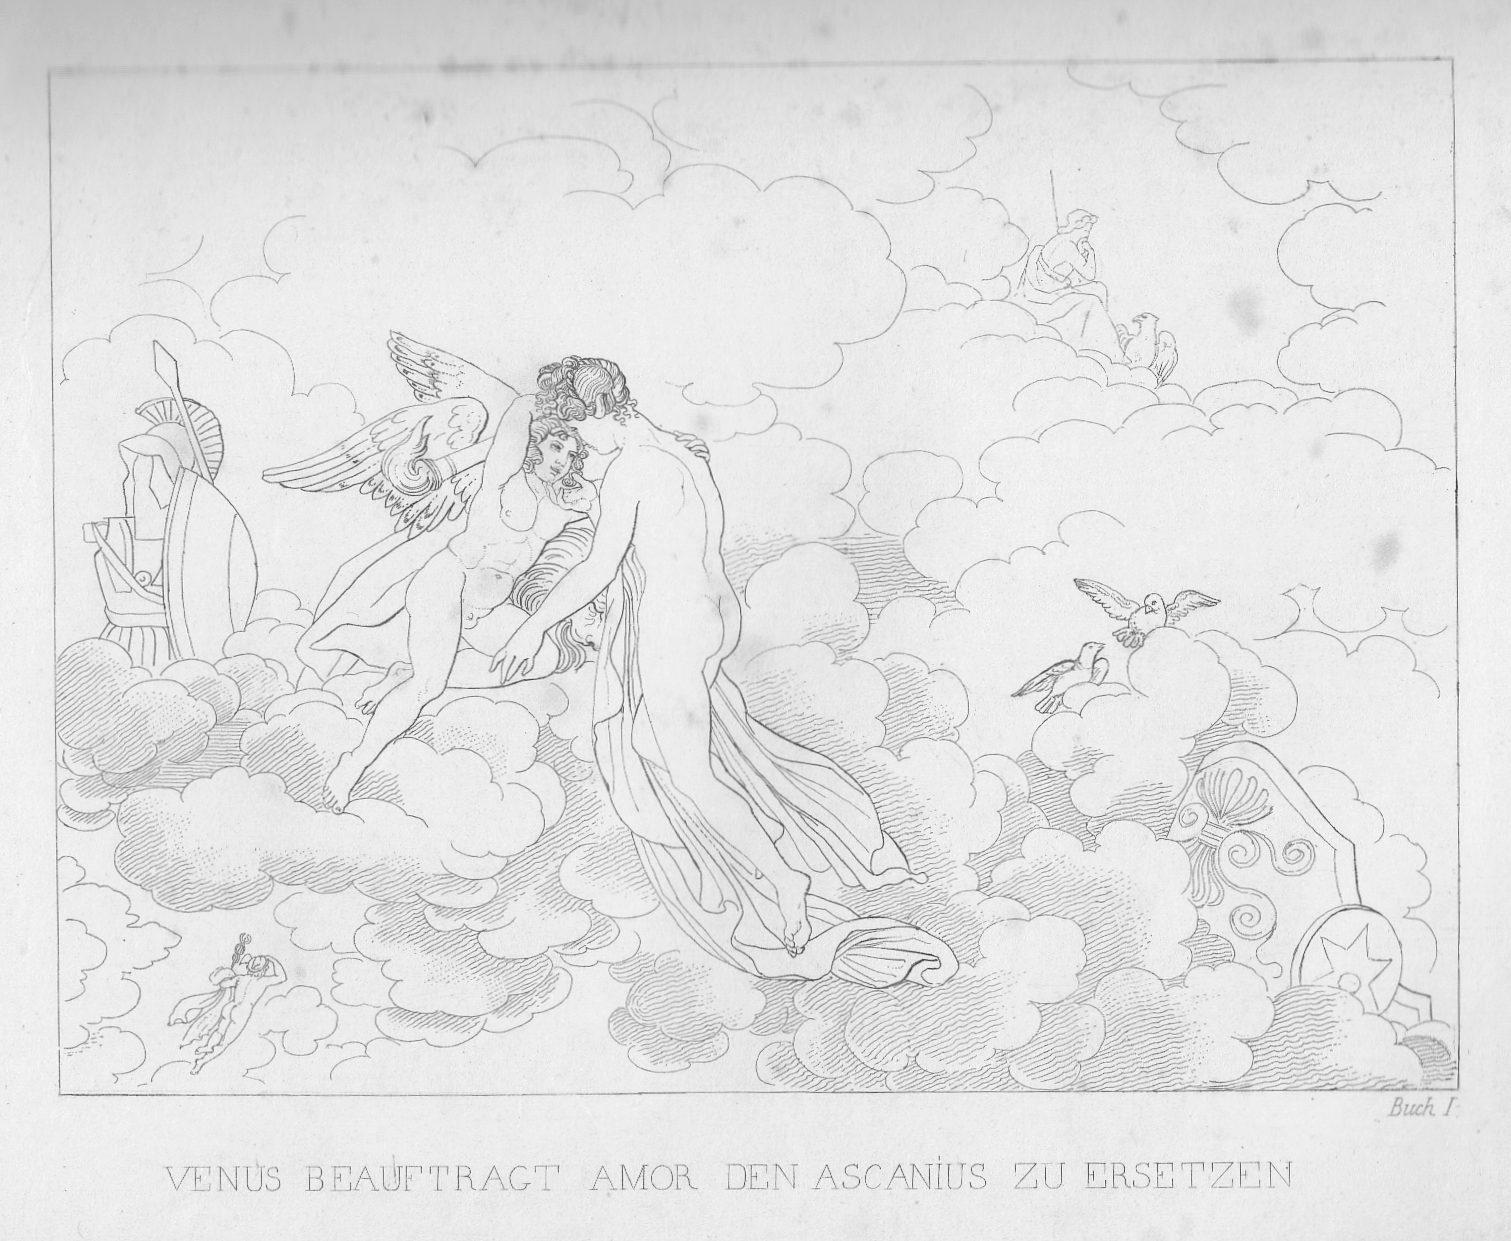 Venus beauftragt Amor - Vergil, Aeneis